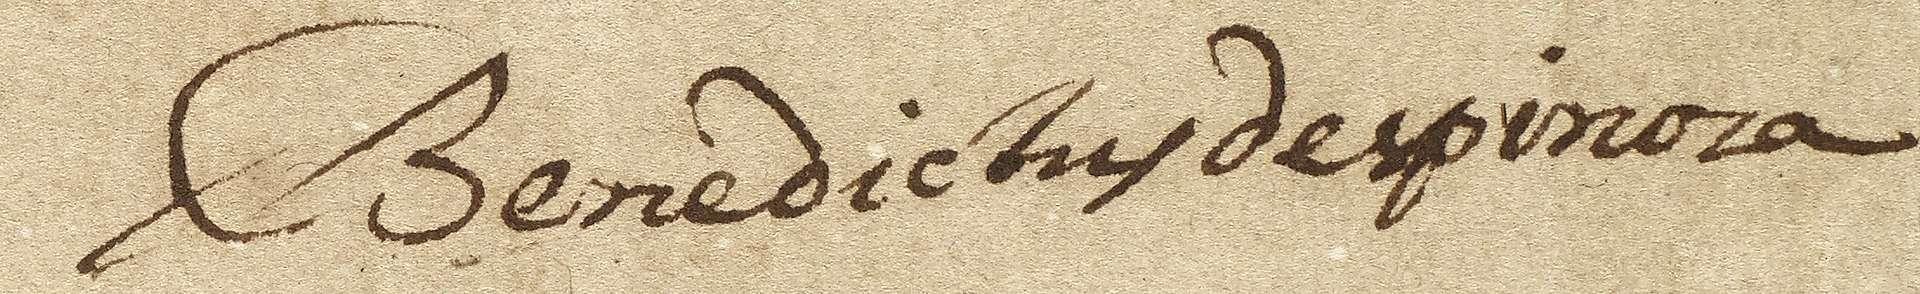 Baruch Spinoza Signature